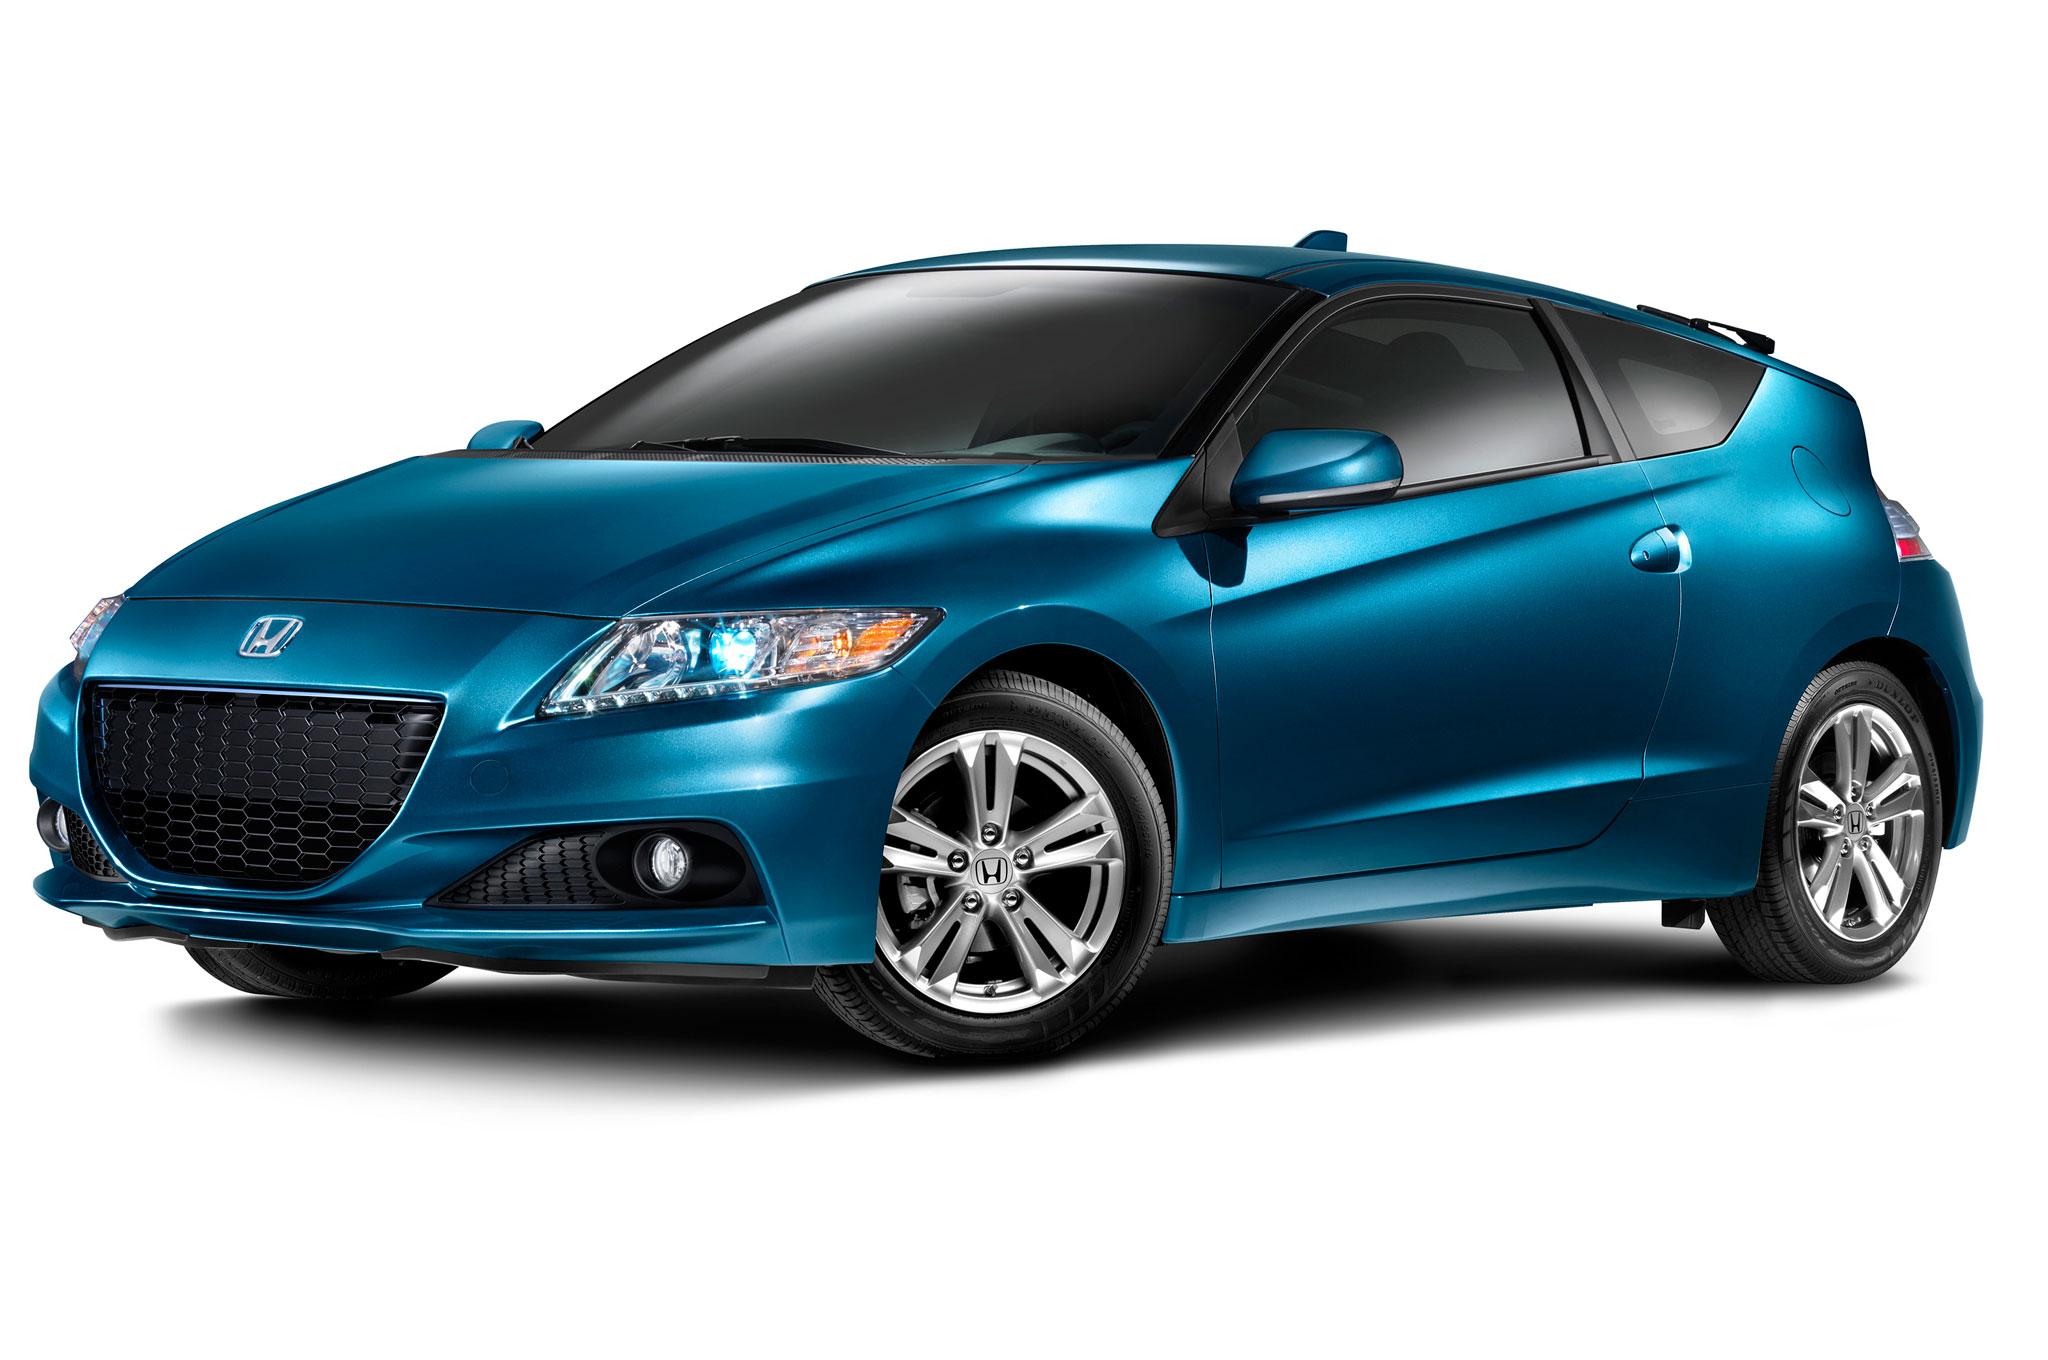 Kelebihan Kekurangan Harga Honda Crz Tangguh